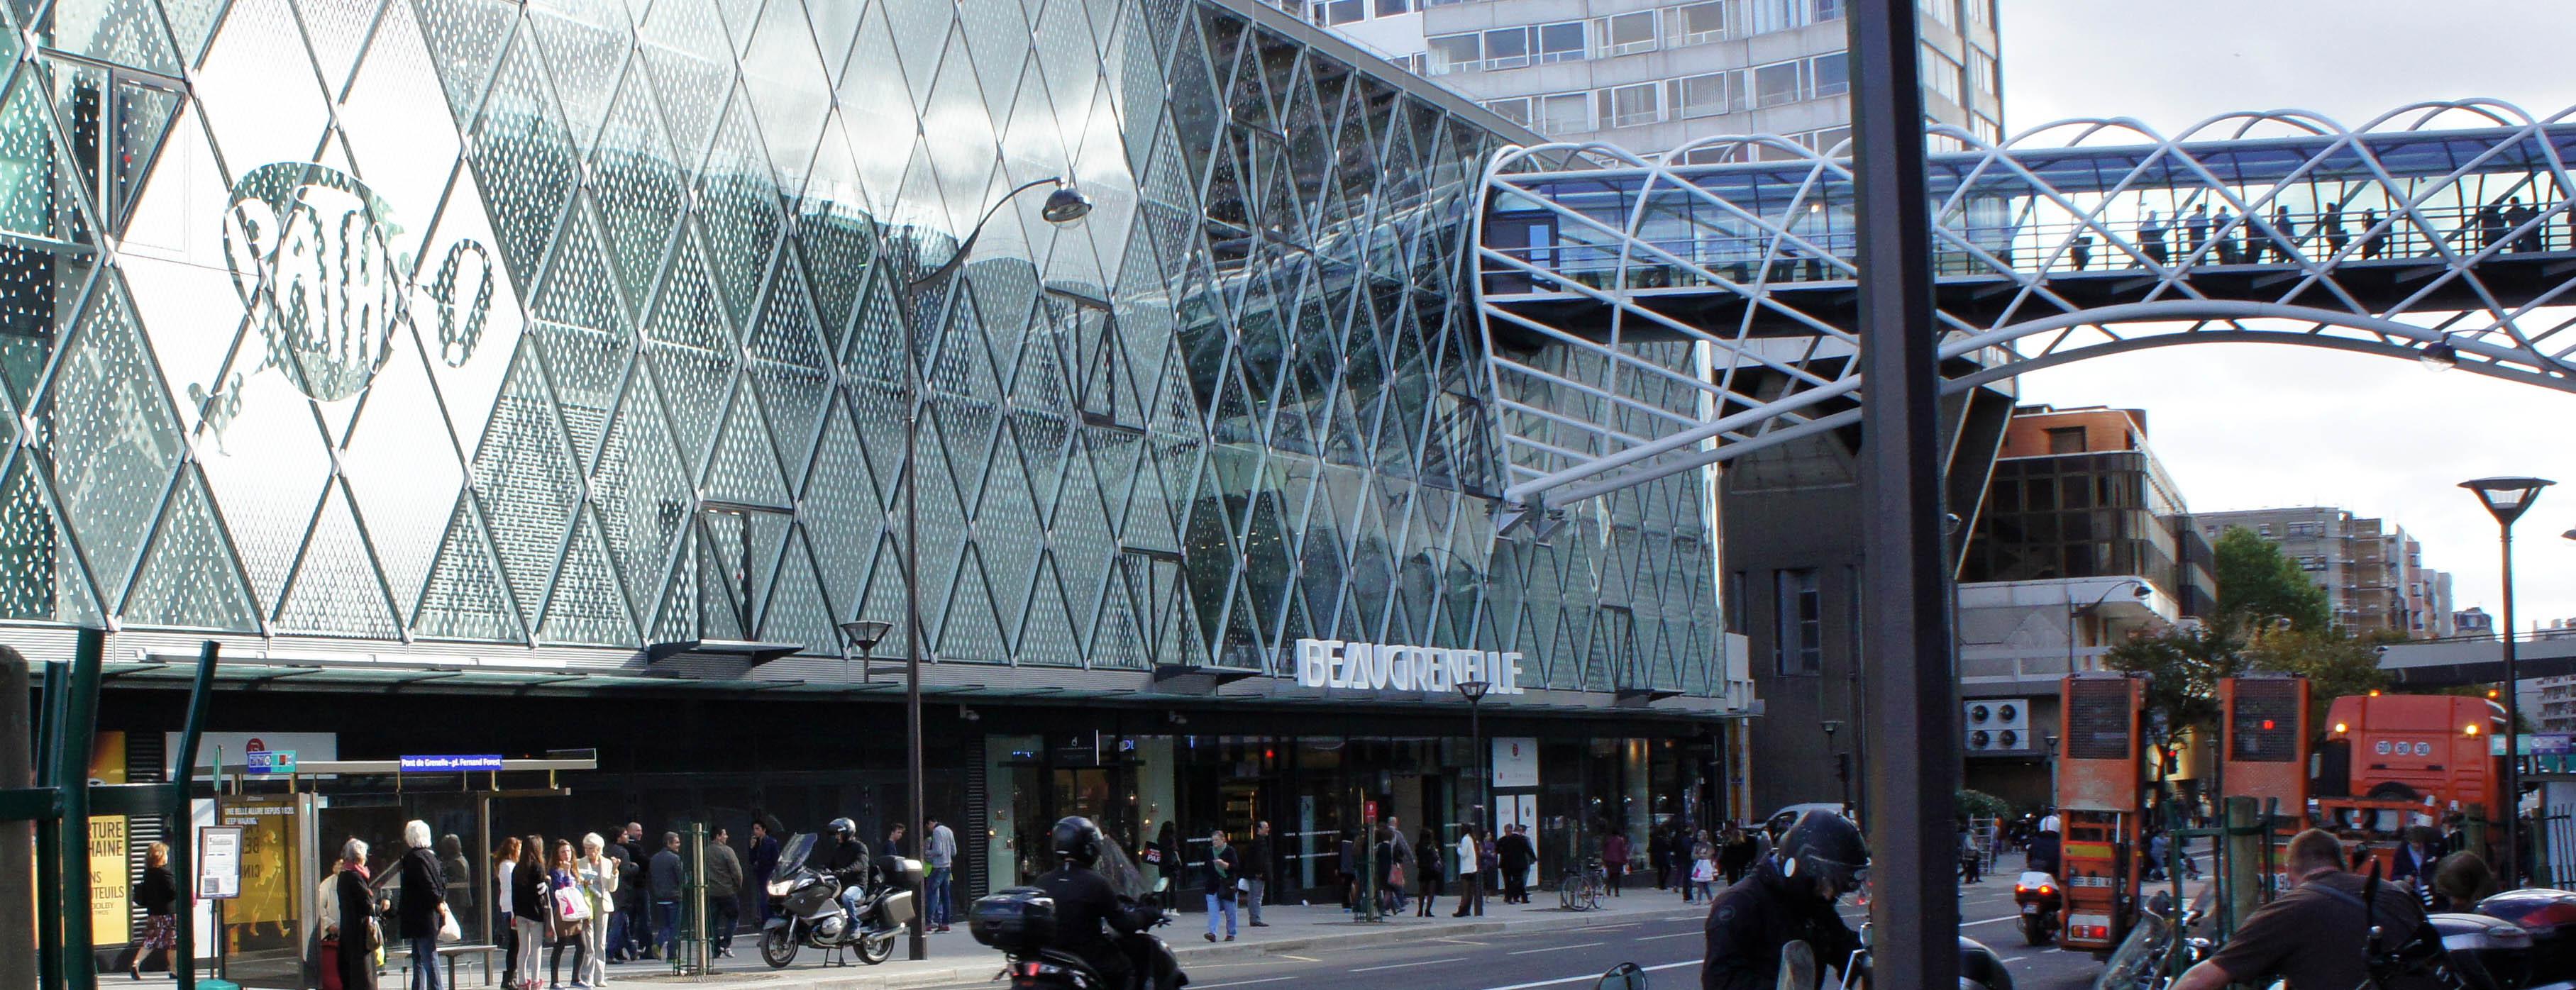 Centre Commercial Beaugrenelle Paris 15 Painrisien